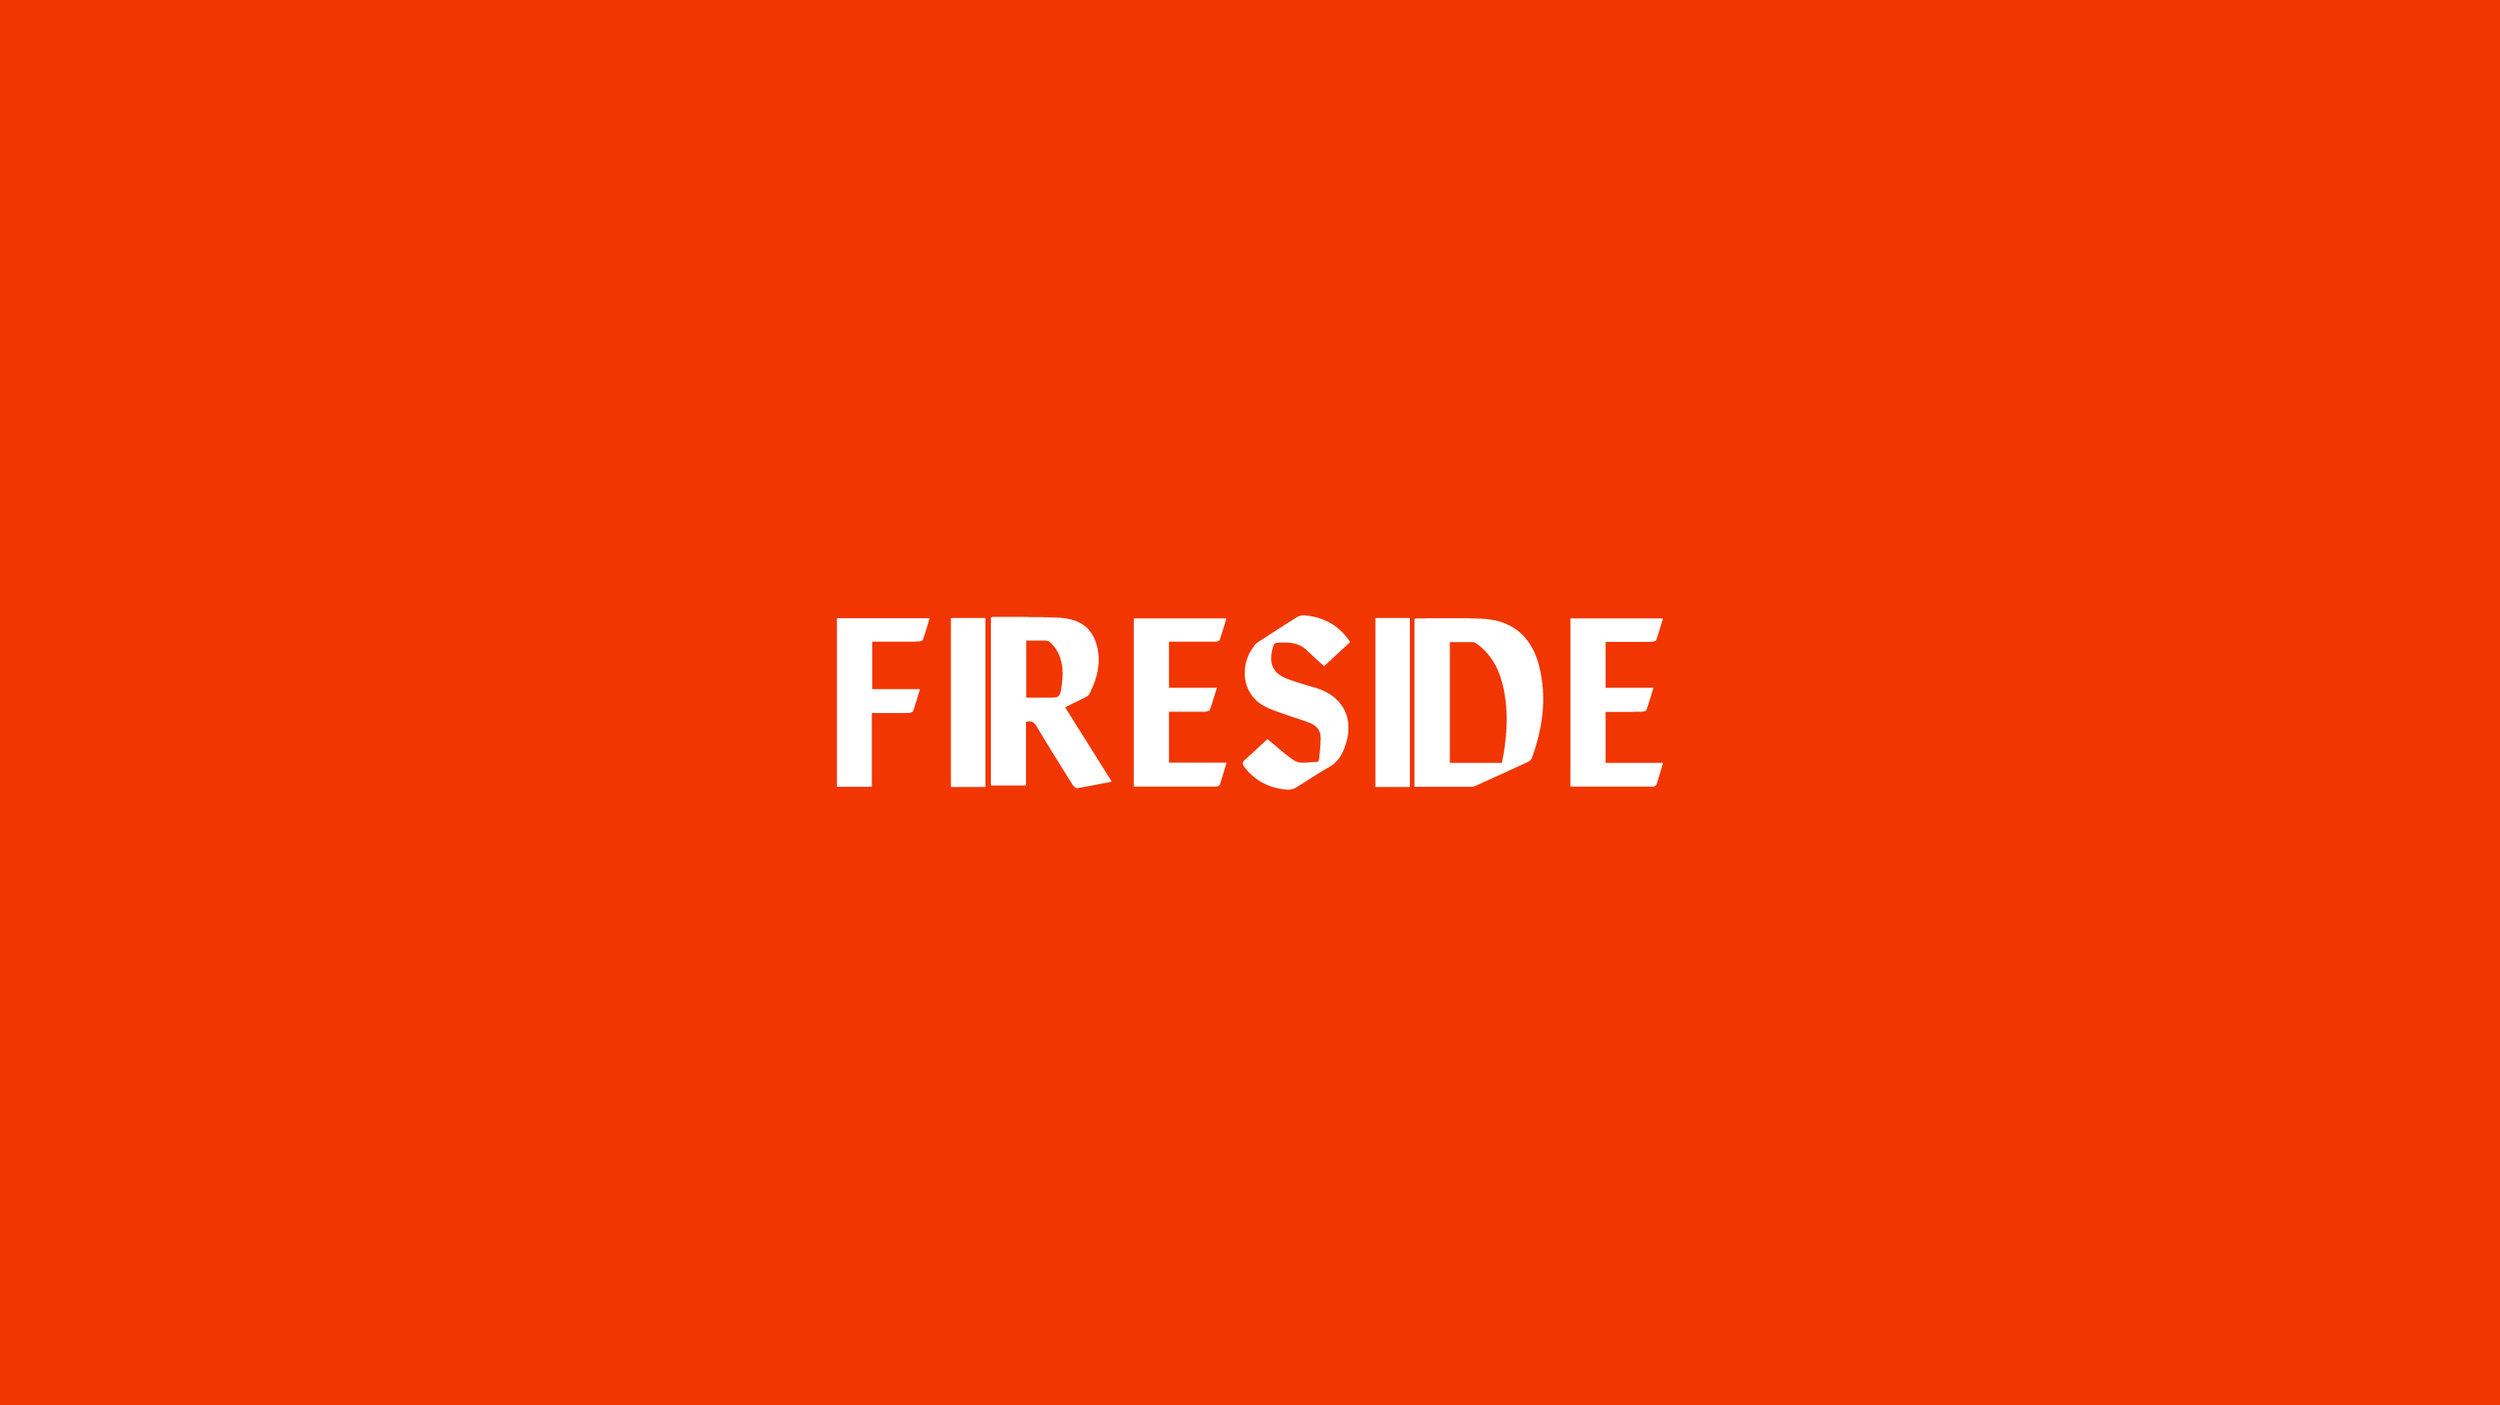 FIRESIDE_Logo_Vectors-02.jpg